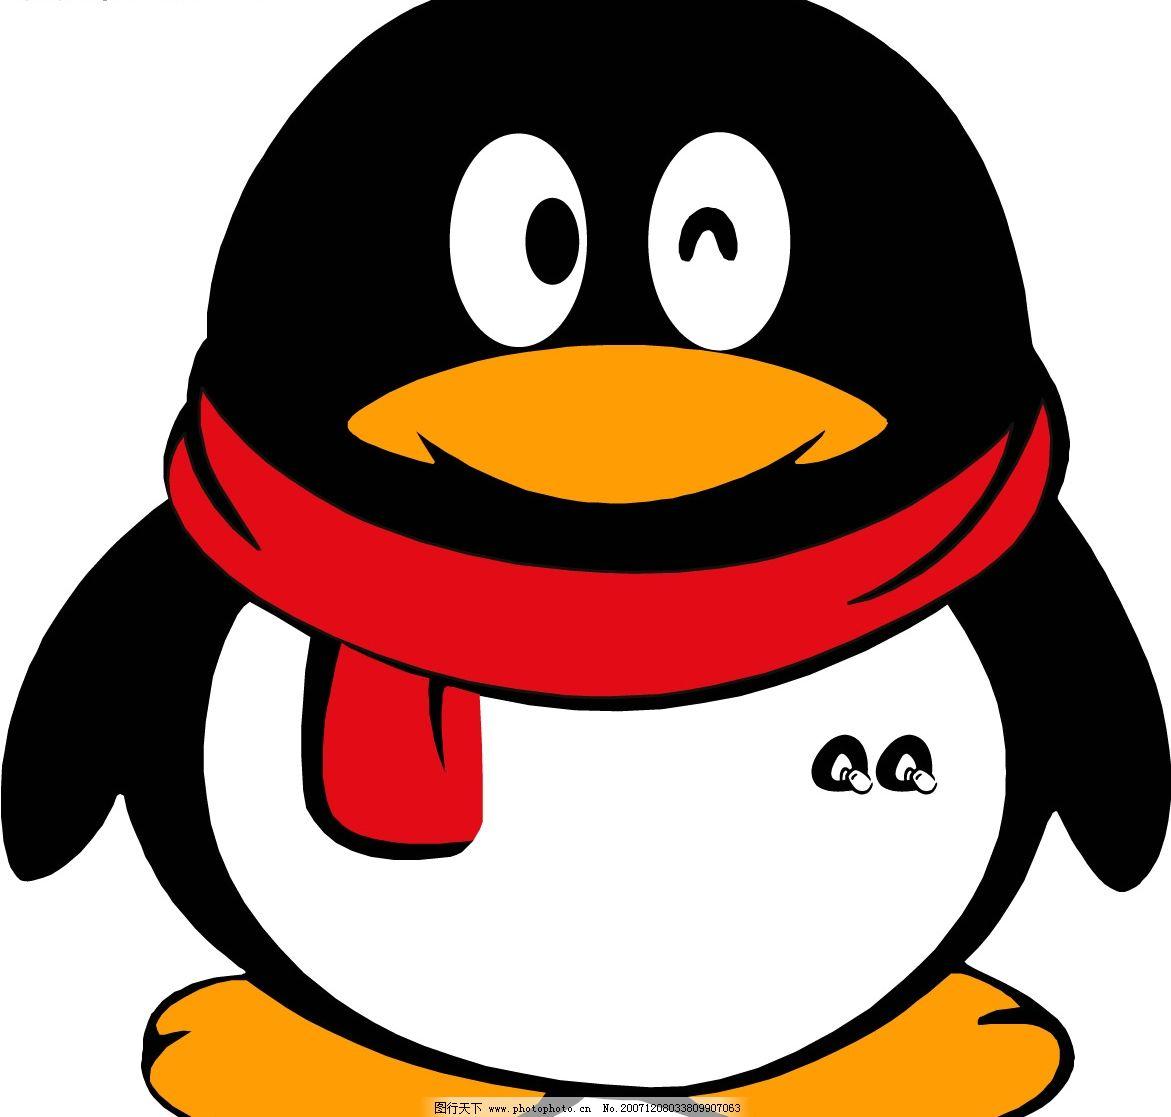 矢量qq宠物 企鹅 其他矢量 矢量素材 矢量图库